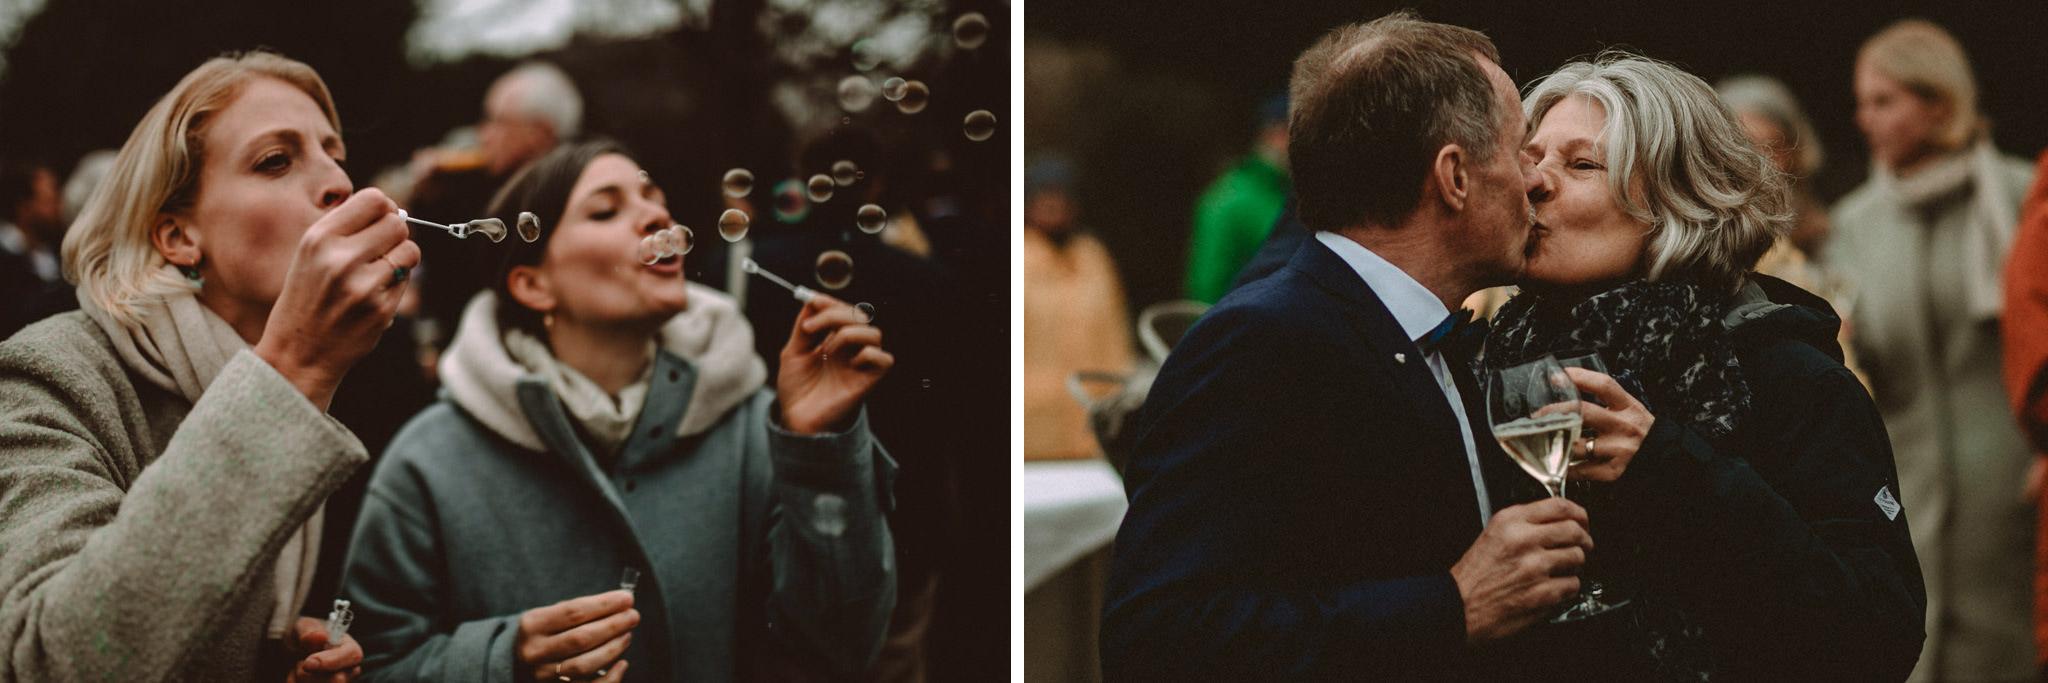 Amrum-Sylt-Hochzeit